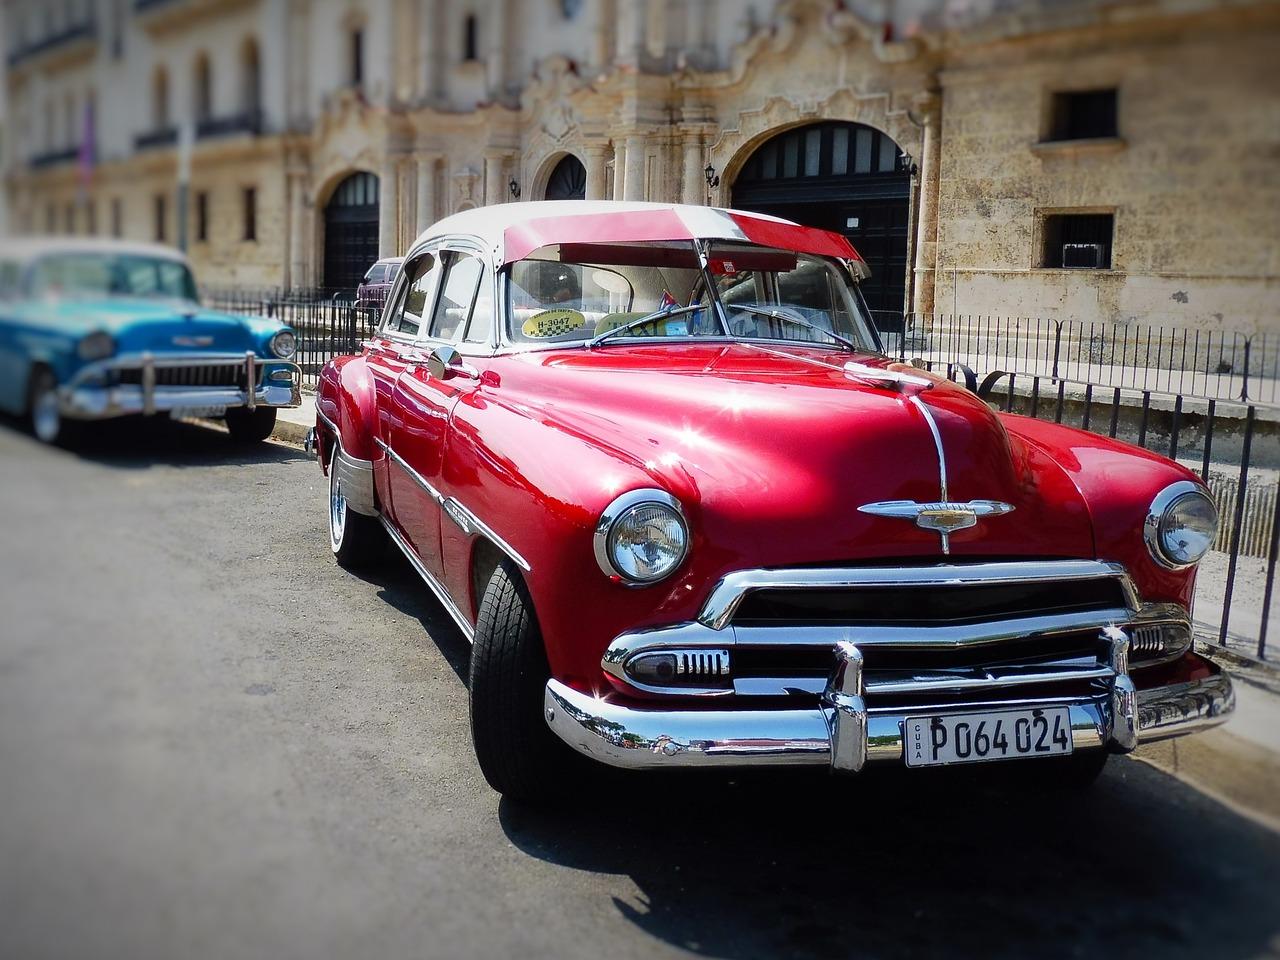 популярность кубинские автомобили фото существа часто попадают